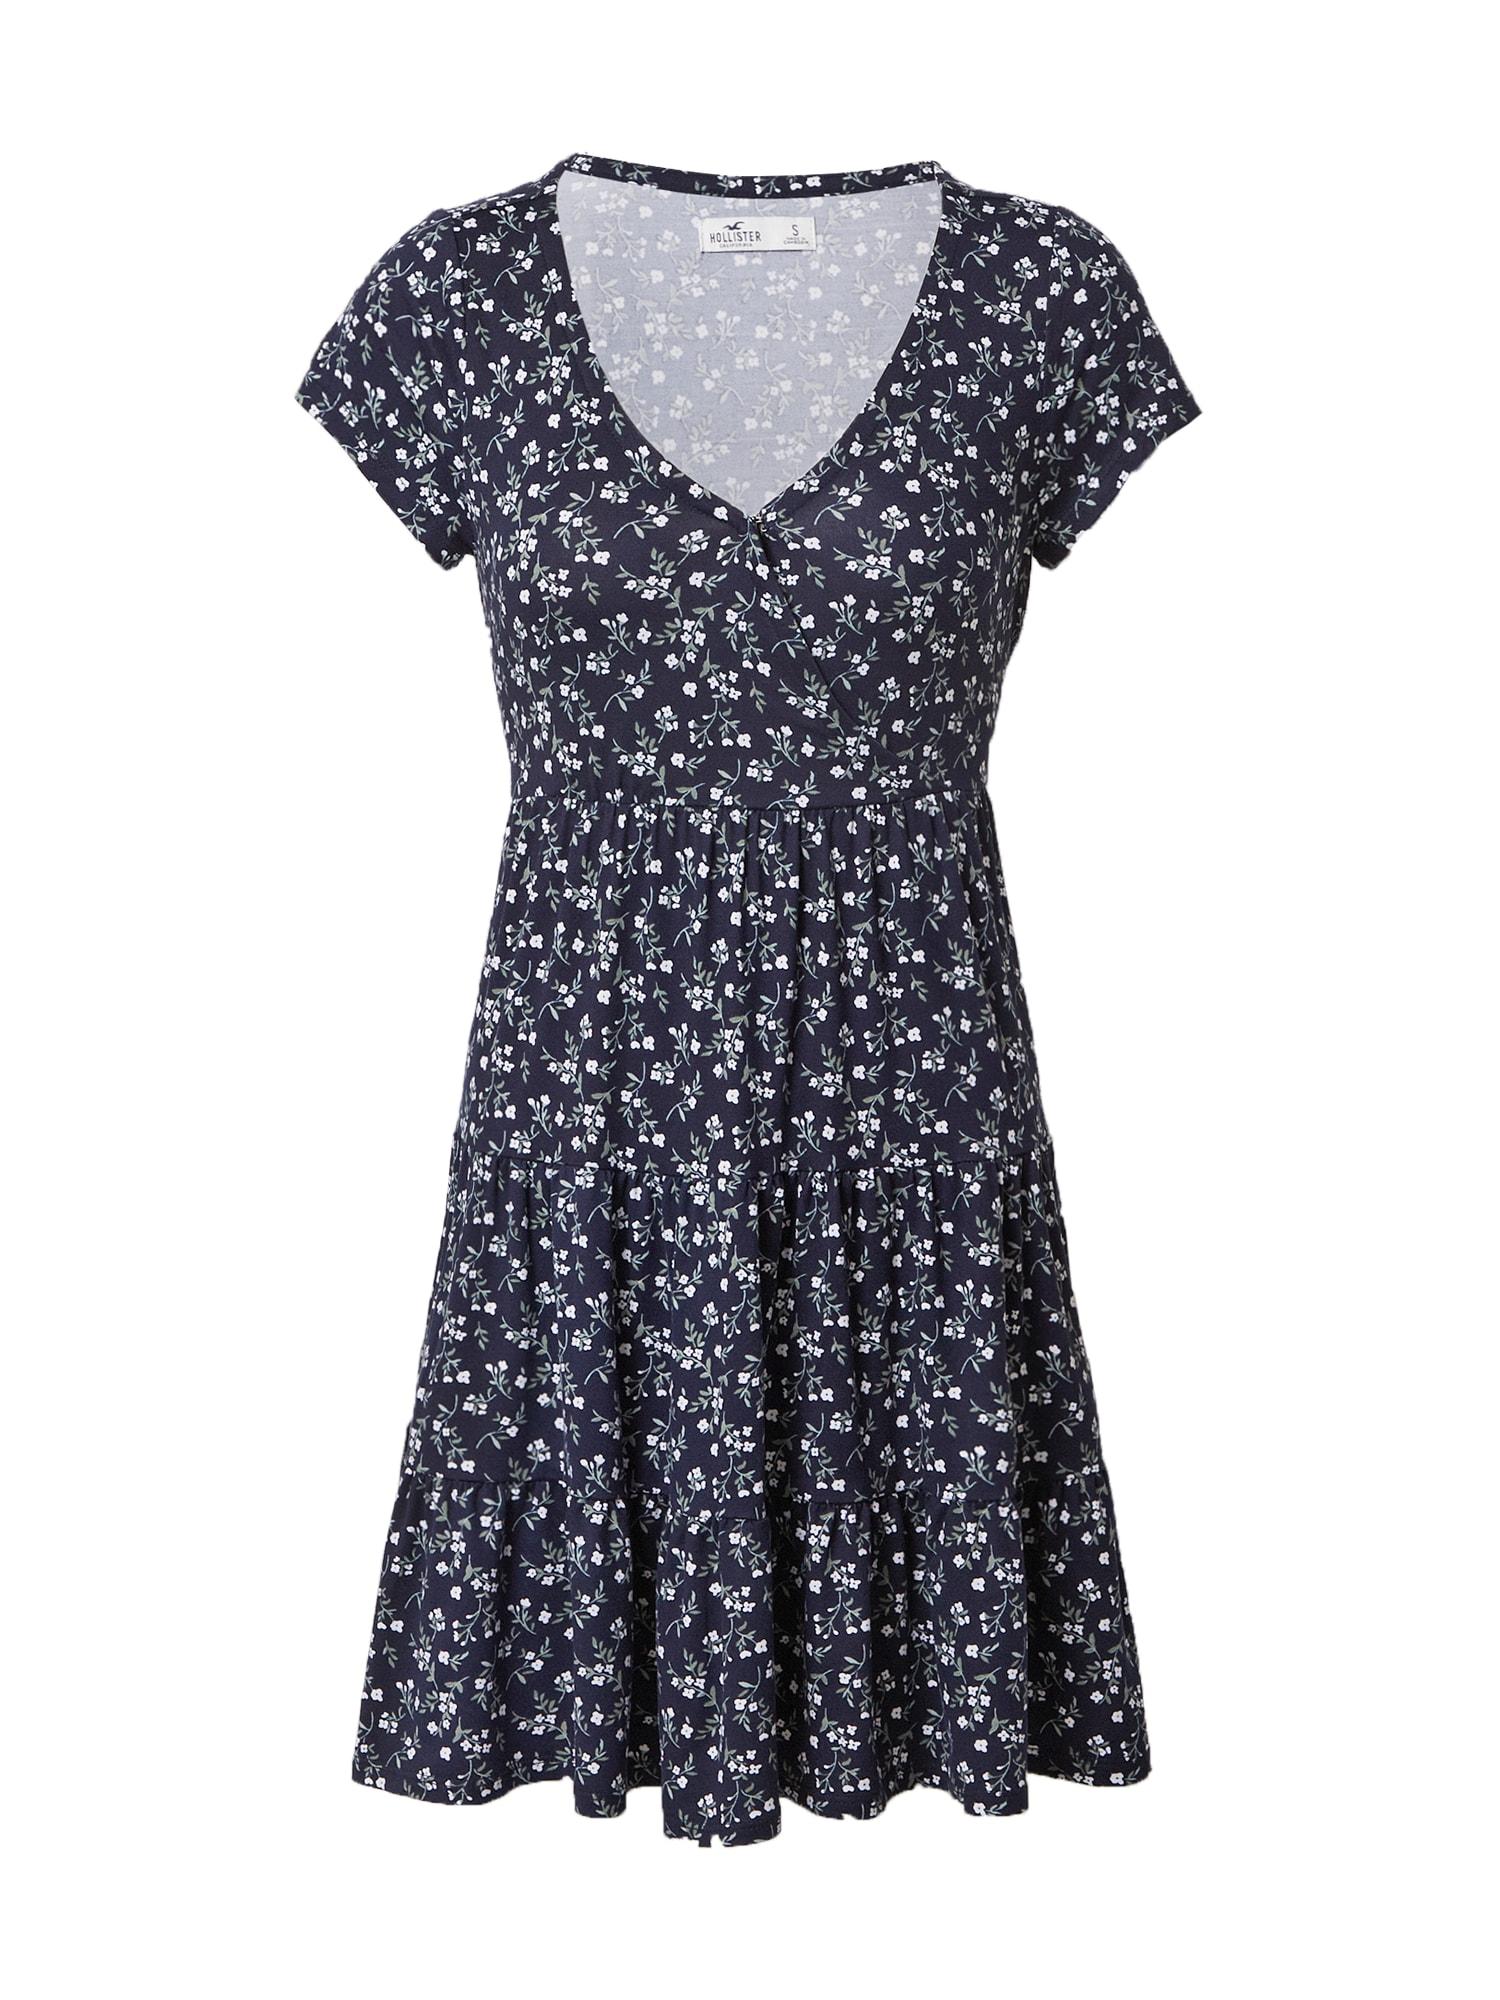 HOLLISTER Vasarinė suknelė tamsiai mėlyna / mišrios spalvos